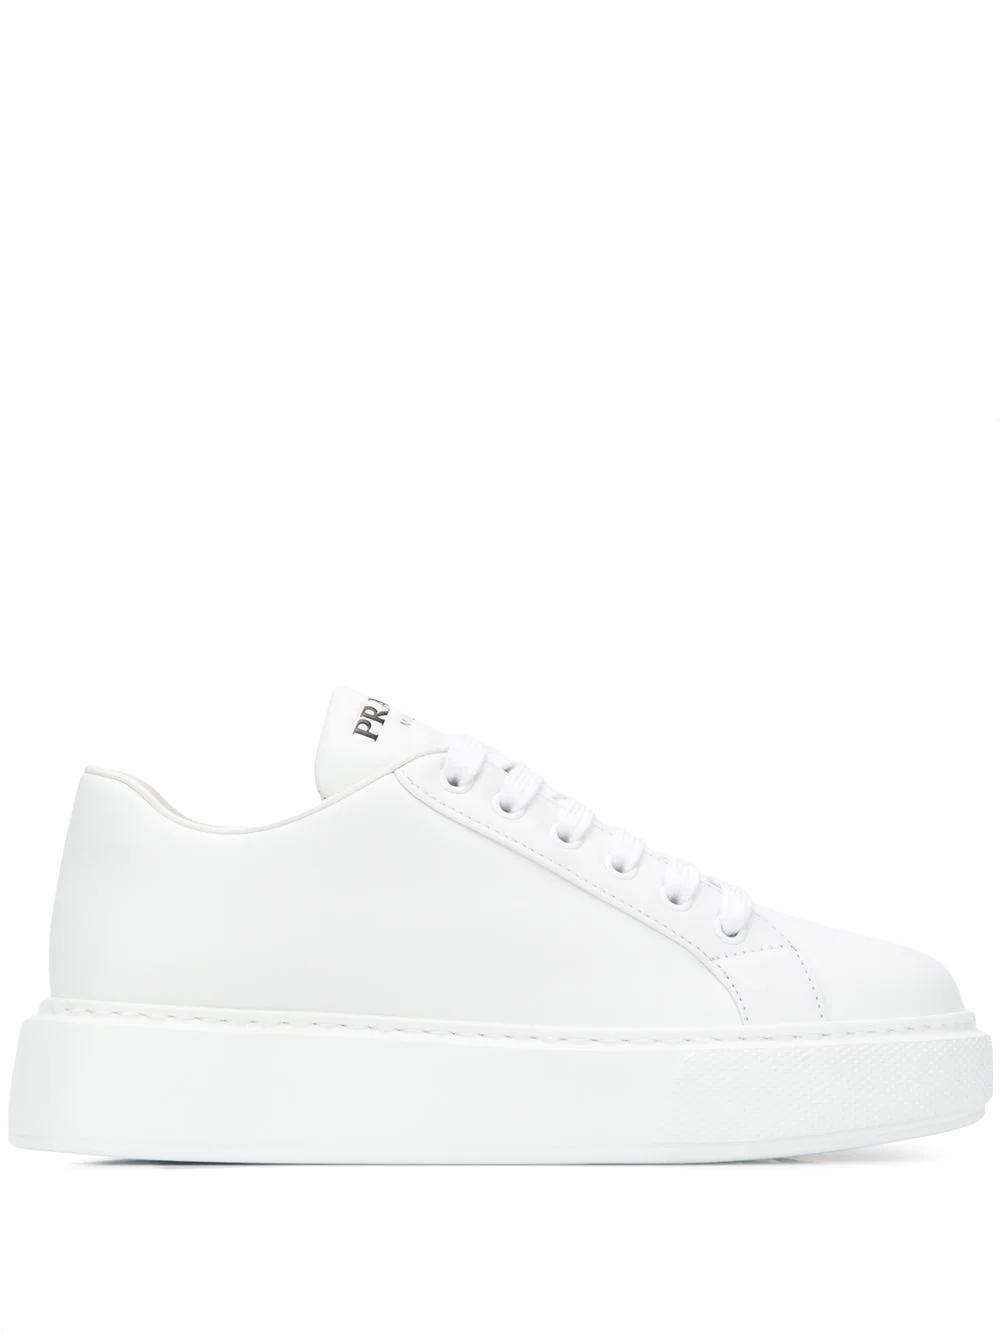 Prada кроссовки на платформе 1E892L3J8K - цена 35106 руб., купить на Clouty.ru